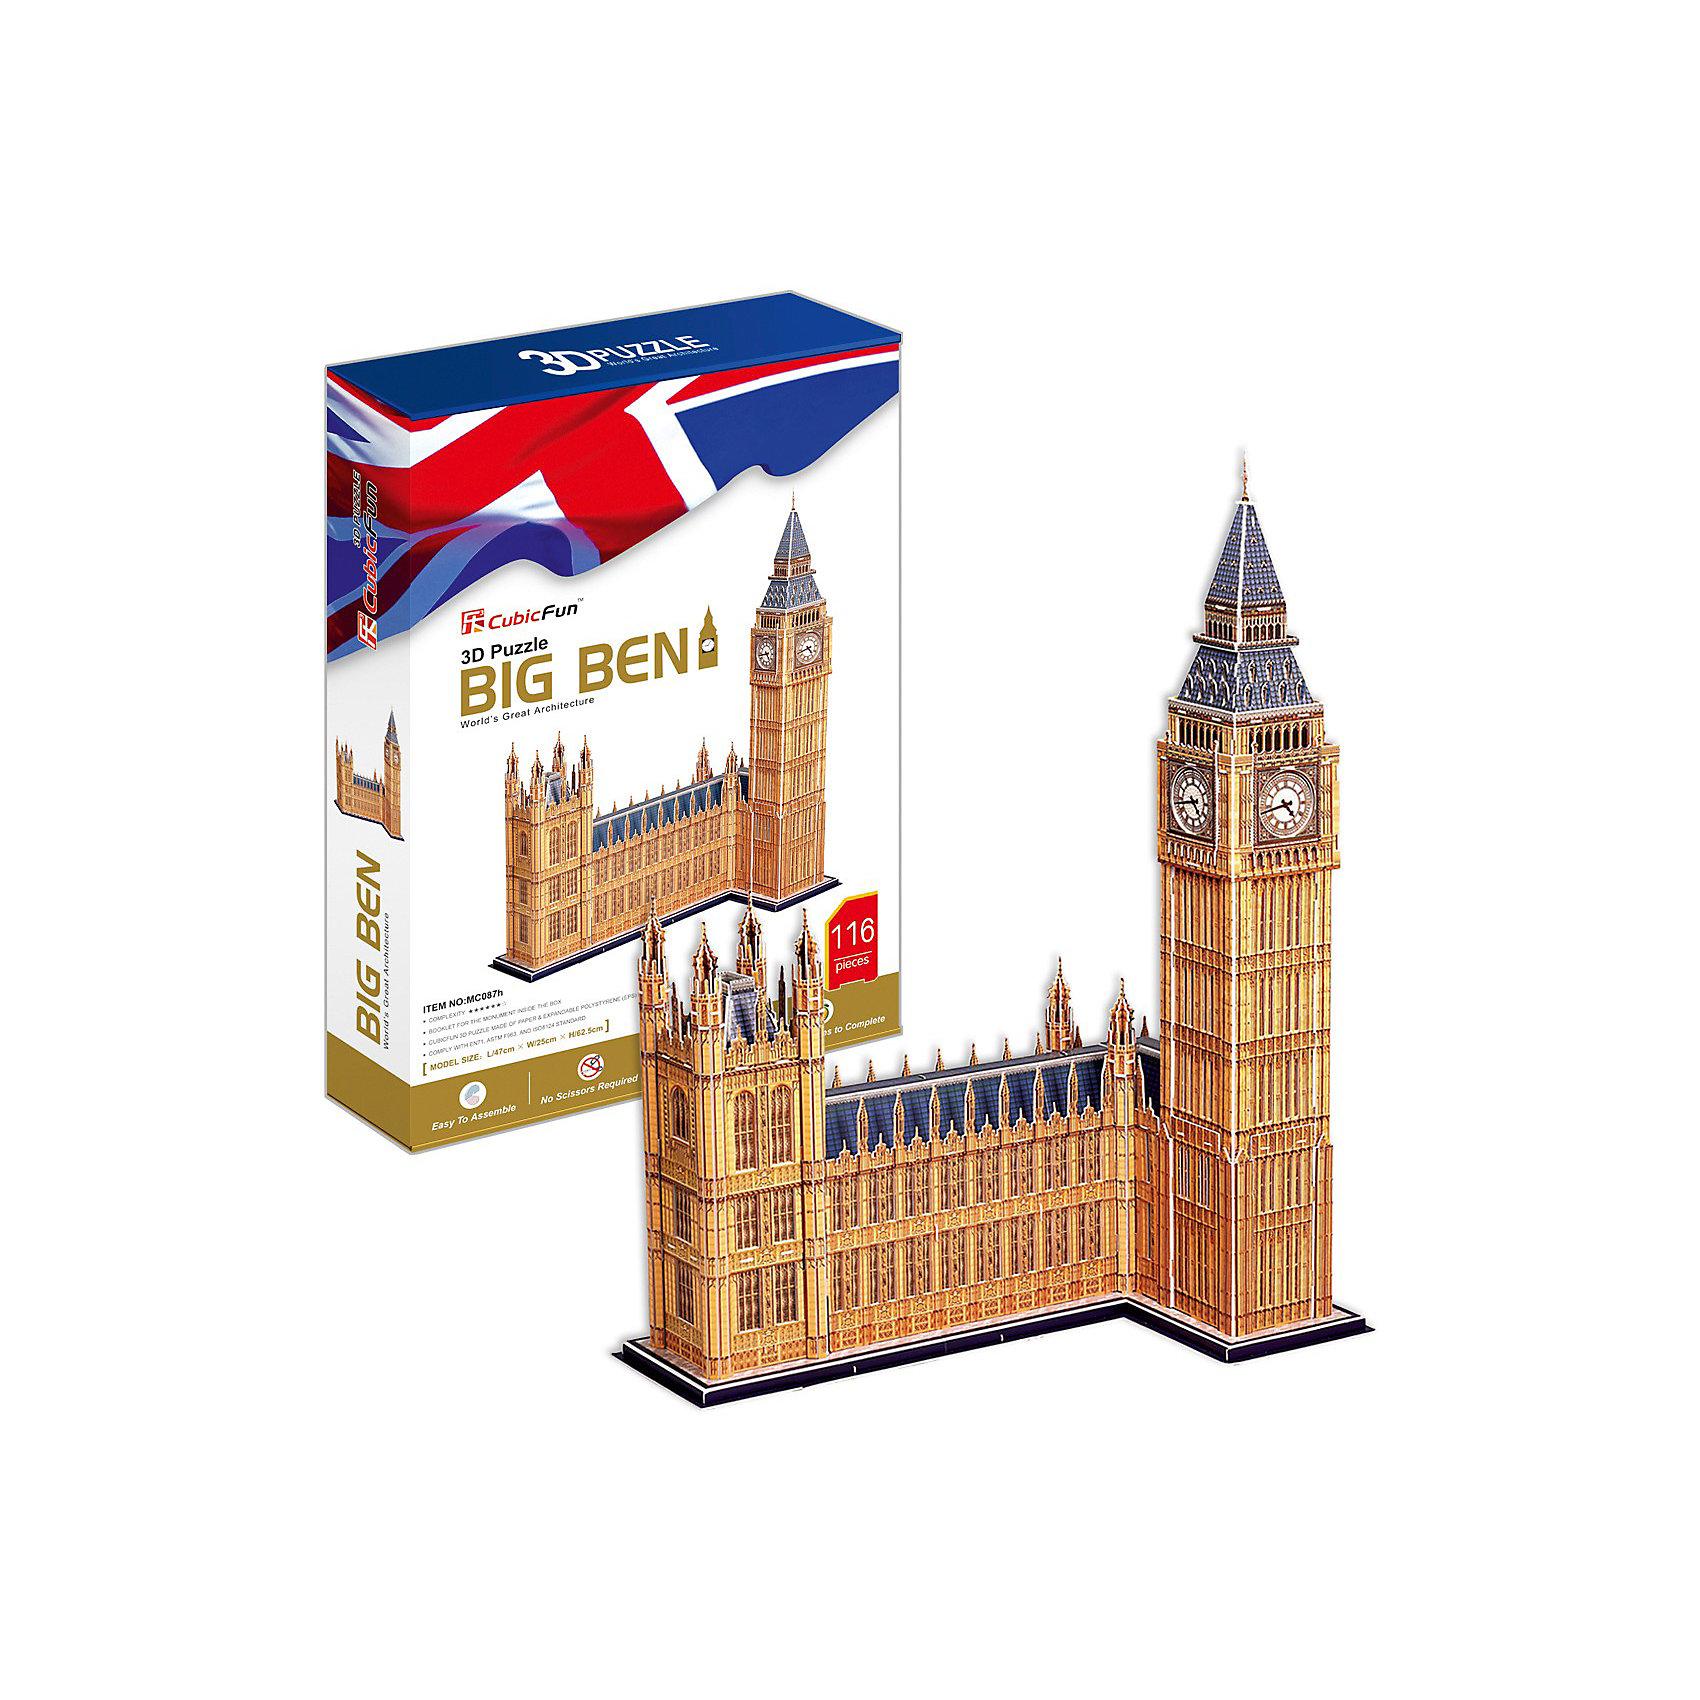 Пазл 3D Биг Бен (Великобритания), 116 деталей, CubicFun3D пазлы<br>Биг-Бен — колокольная башня в Лондоне. Официальное наименование — «Часовая башня Вестминстерского дворца», также её называют «Башней Св. Стефана».Башня была возведена в 1858 году, башенные часы были пущены в ход 21 мая 1859 года. Высота башни 61 метр (не считая шпиля); часы располагаются на высоте 55 м от земли. При диаметре циферблата в 7 метров и длиной стрелок в 2,7 и 4,2 метра, часы долгое время считались самыми большими в мире. Биг-Бен стал одним из самых узнаваемых символов Великобритании, часто используемым в рекламе, фильмах и т. п. <br><br>УРОВЕНЬ СЛОЖНОСТИ - 6<br><br>Функции:<br>- помогает в развитии логики и творческих способностей ребенка;<br>- помогает в формировании мышления, речи, внимания, восприятия и воображения;<br>- развивает моторику рук;<br>- расширяет кругозор ребенка и стимулирует к познанию новой информации;<br><br>Практические характеристики:<br>- обучающая, яркая и реалистичная модель;<br>- идеально и легко собирается без инструментов;<br>- увлекательный игровой процесс;<br>- тематический ассортимент;<br>- новый качественный материал (ламинированный пенокартон)<br><br>Ширина мм: 60<br>Глубина мм: 222<br>Высота мм: 330<br>Вес г: 1161<br>Возраст от месяцев: 60<br>Возраст до месяцев: 144<br>Пол: Унисекс<br>Возраст: Детский<br>SKU: 2276290